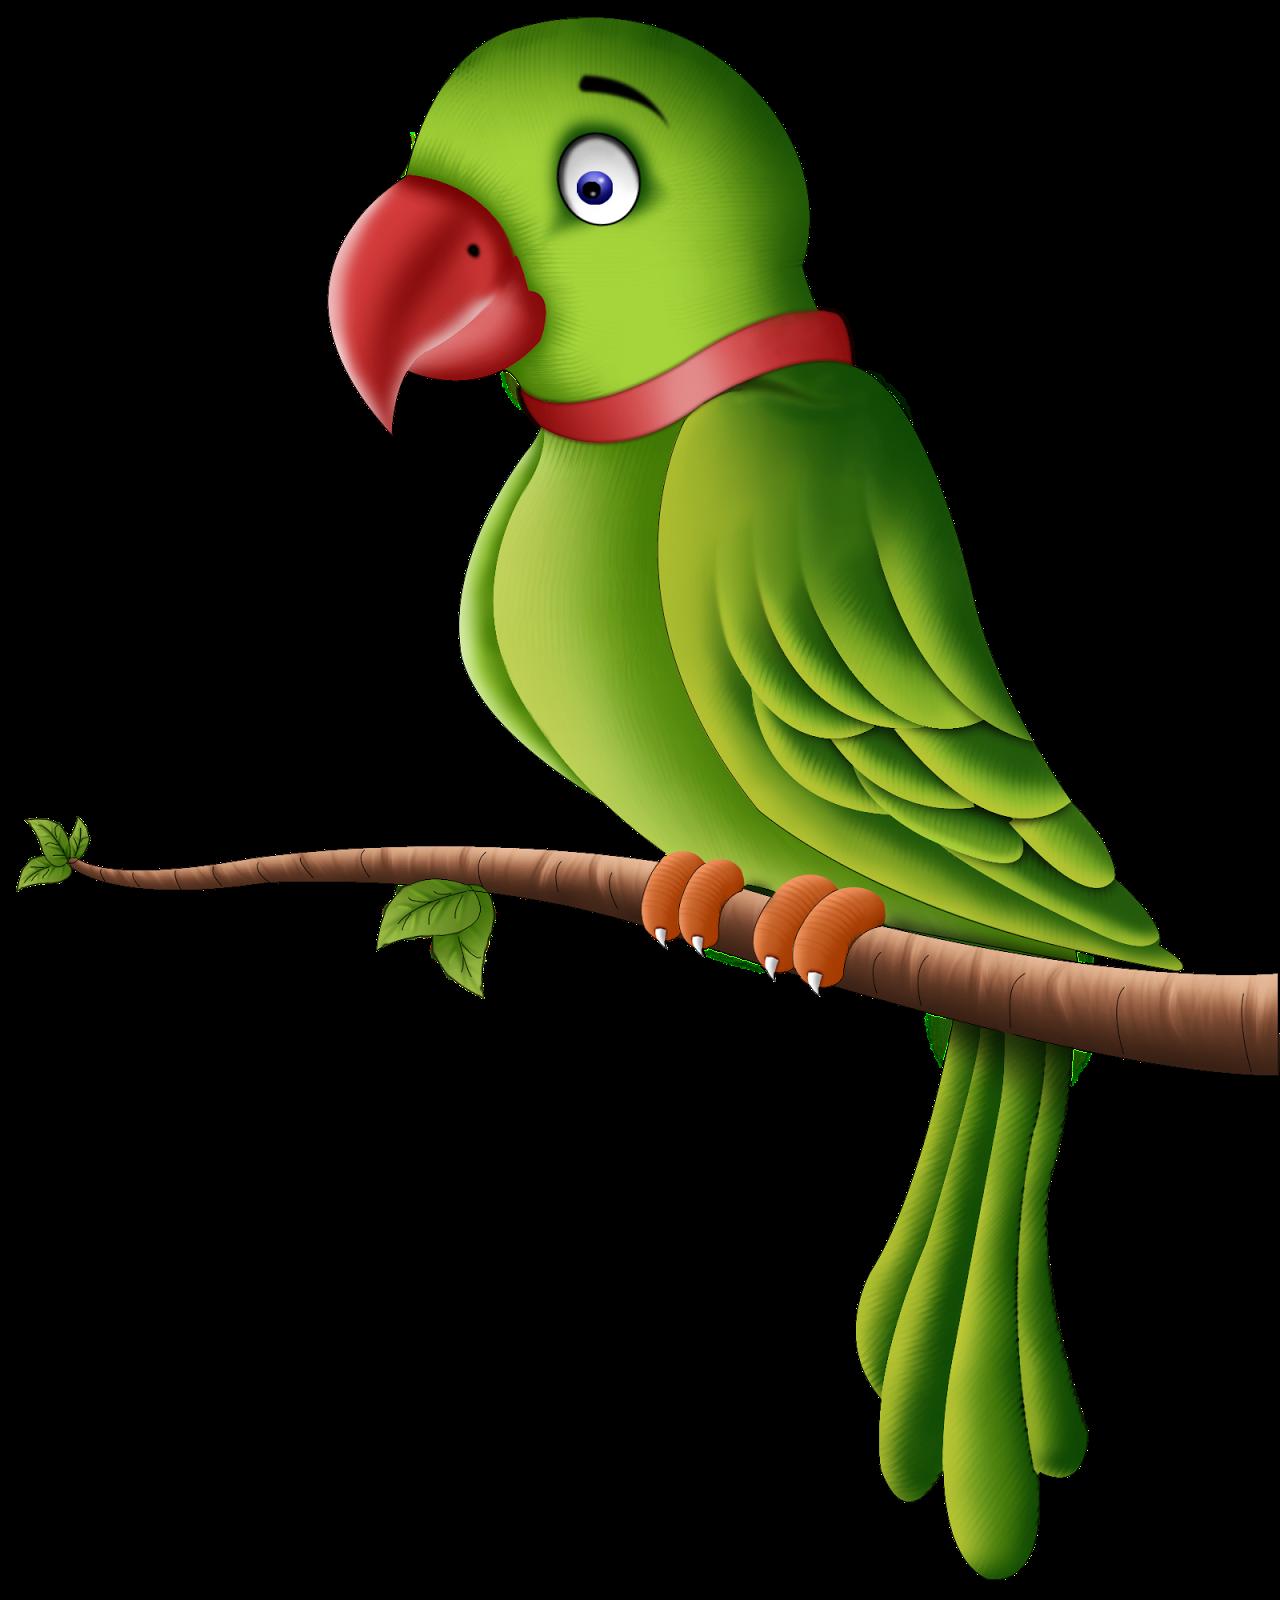 Parrot clipart green indian. Parrots png transparent images